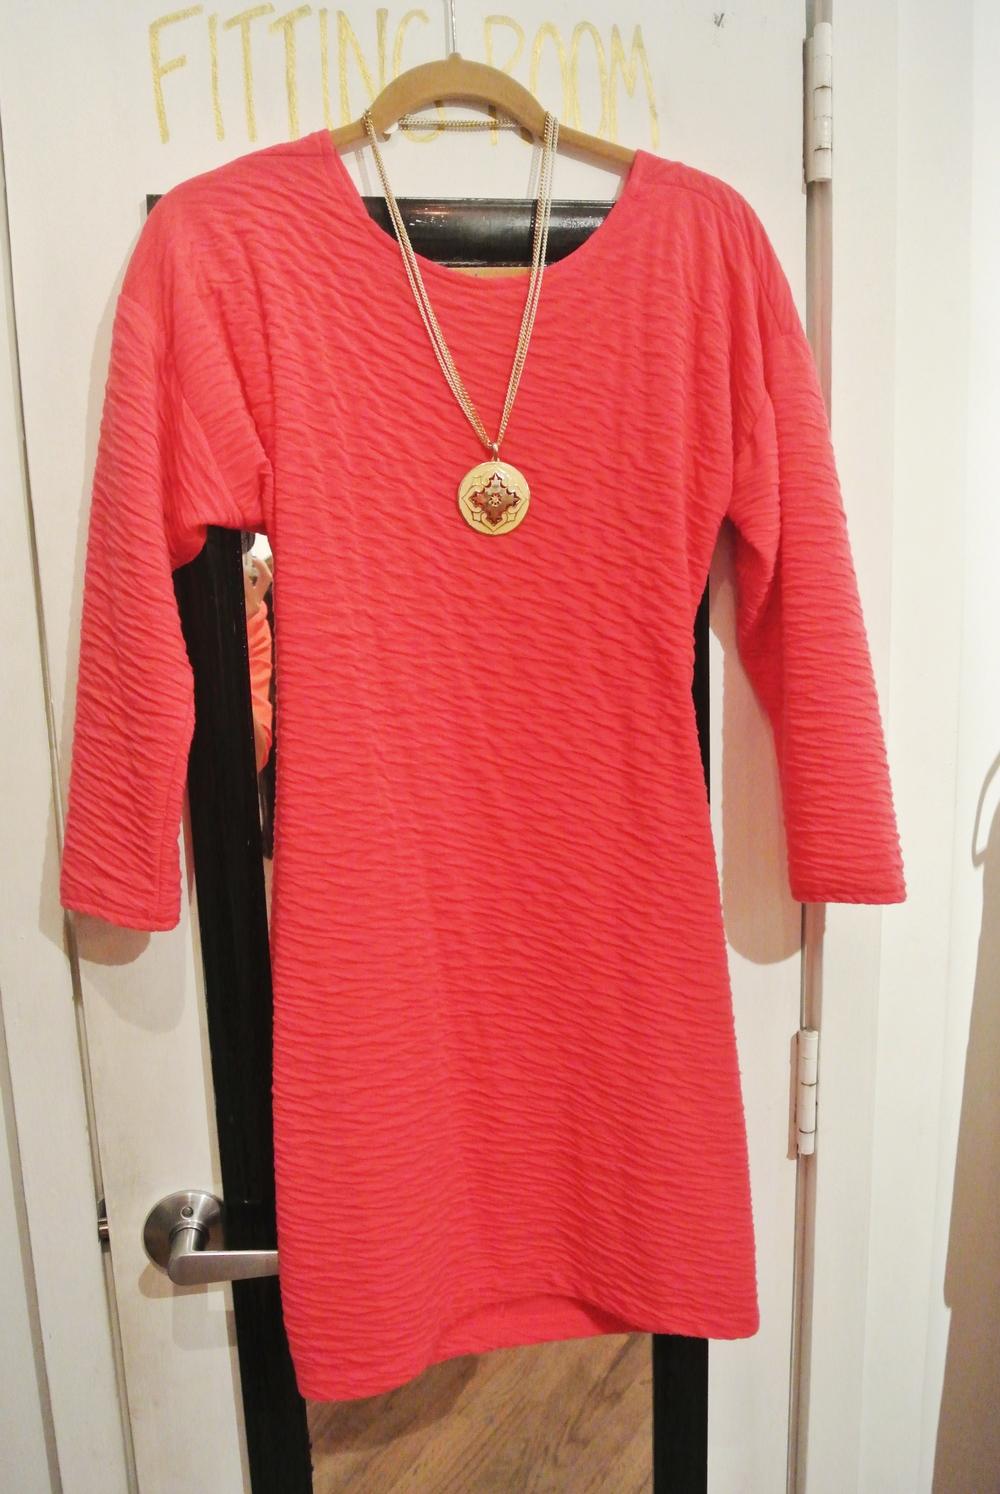 Hot pink vintage dress, $17